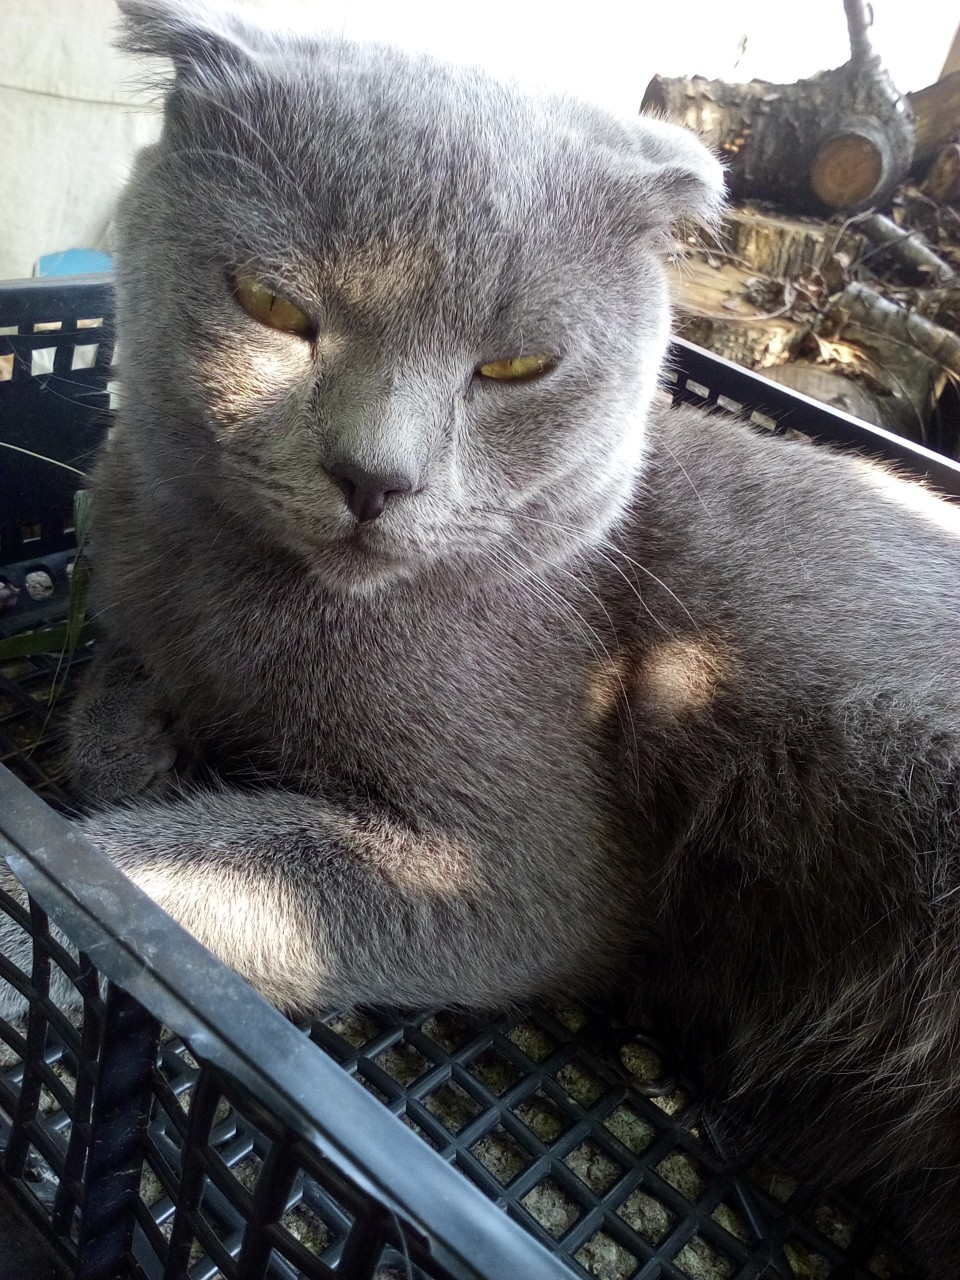 Помогите найти ДРУГА! Пропал наш любимец, шотландский вислоухий кот!